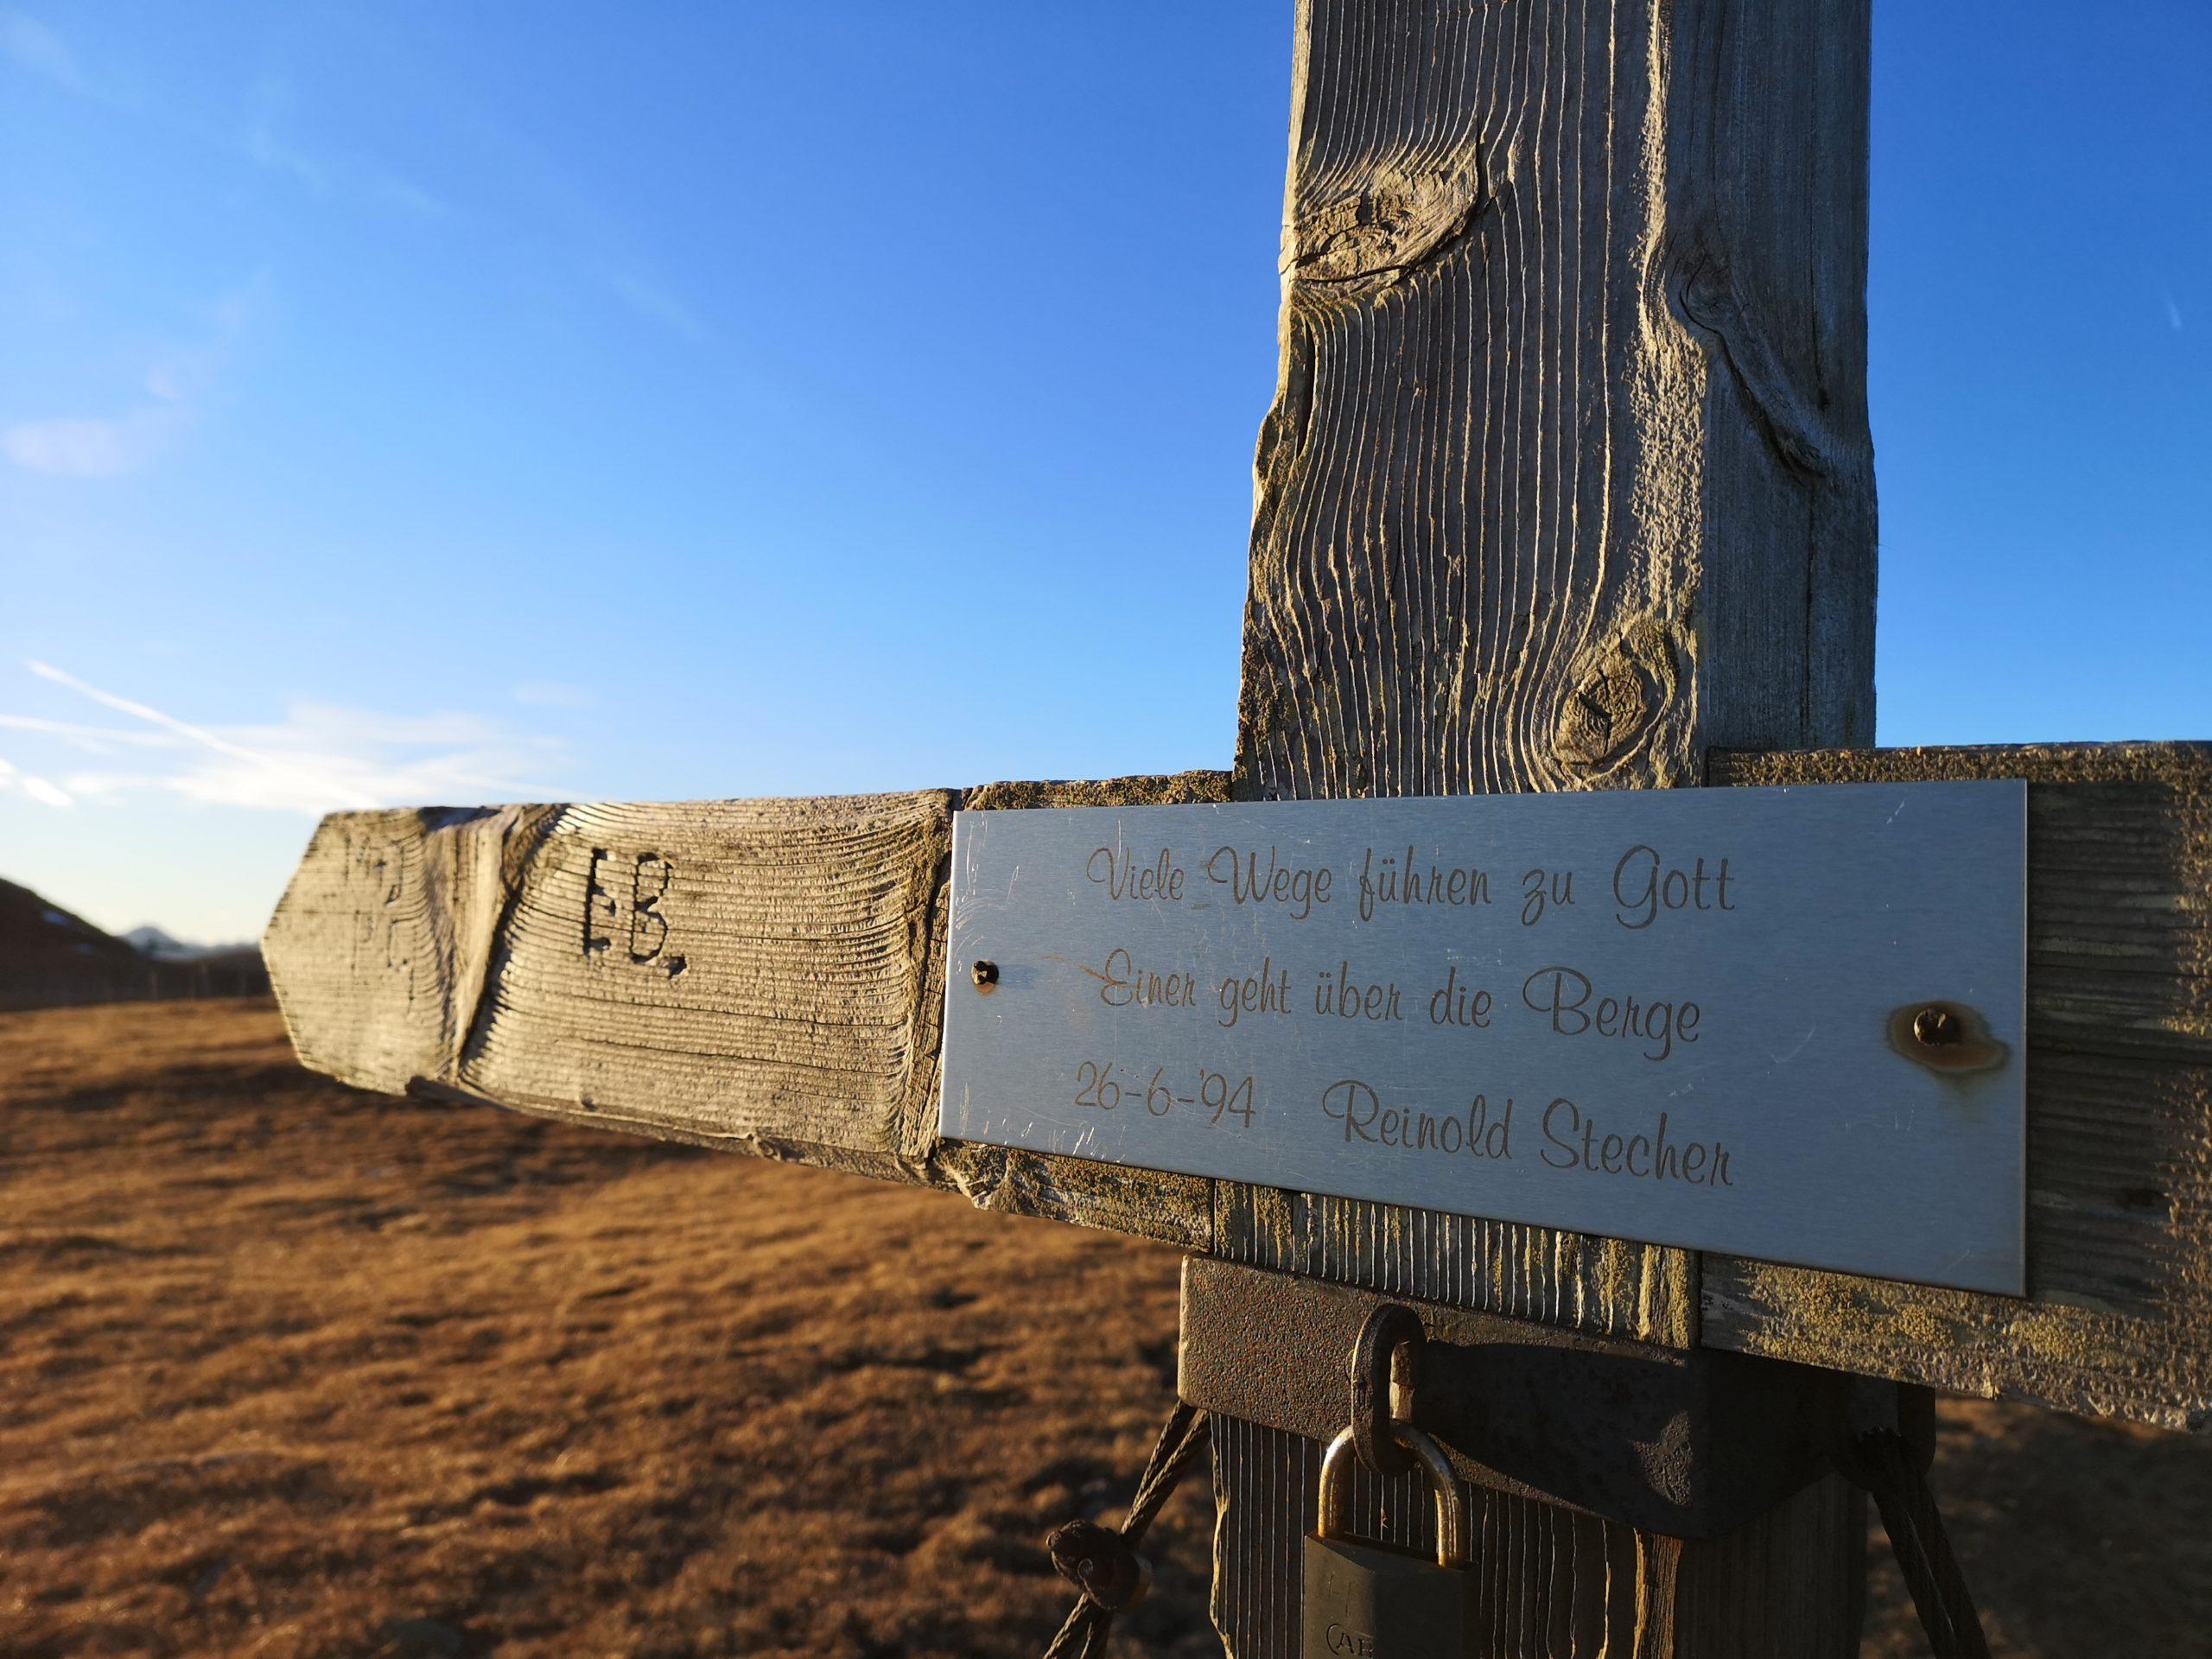 Gipfelkreuz Lachtal